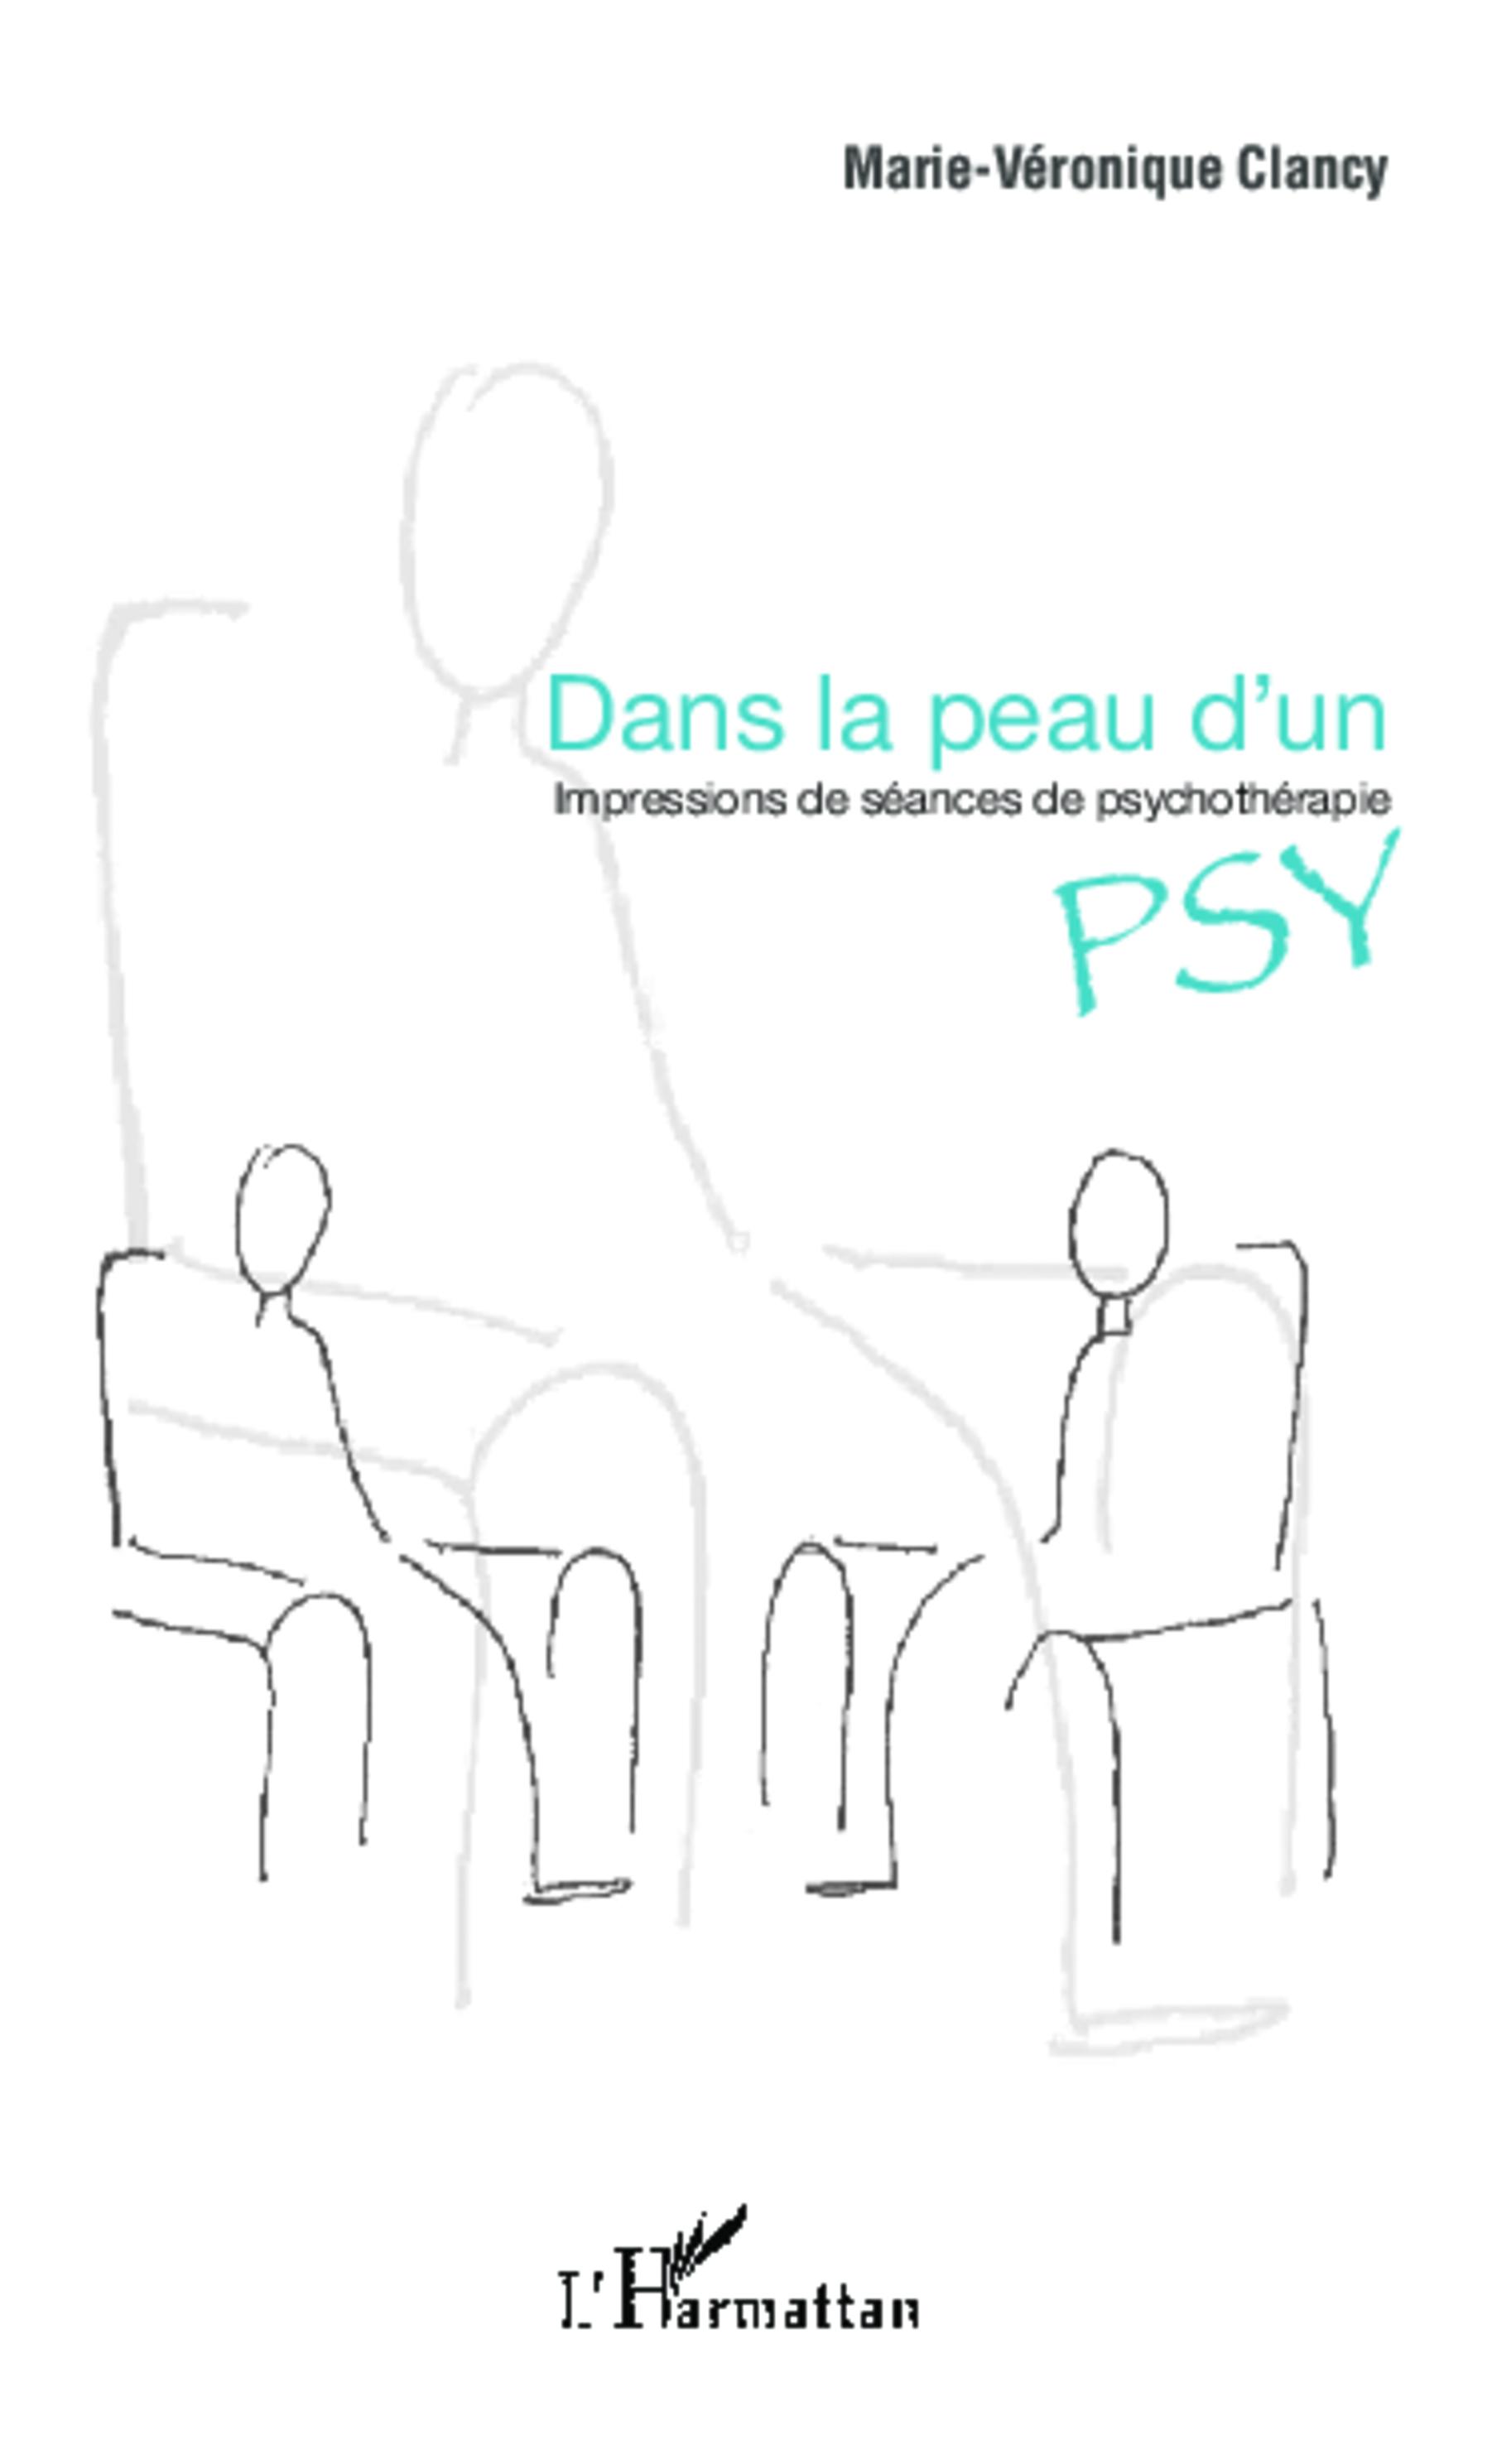 DANS LA PEAU D'UN PSY IMPRESSIONS DE SEANCES DE PSYCHOTHERAPIE